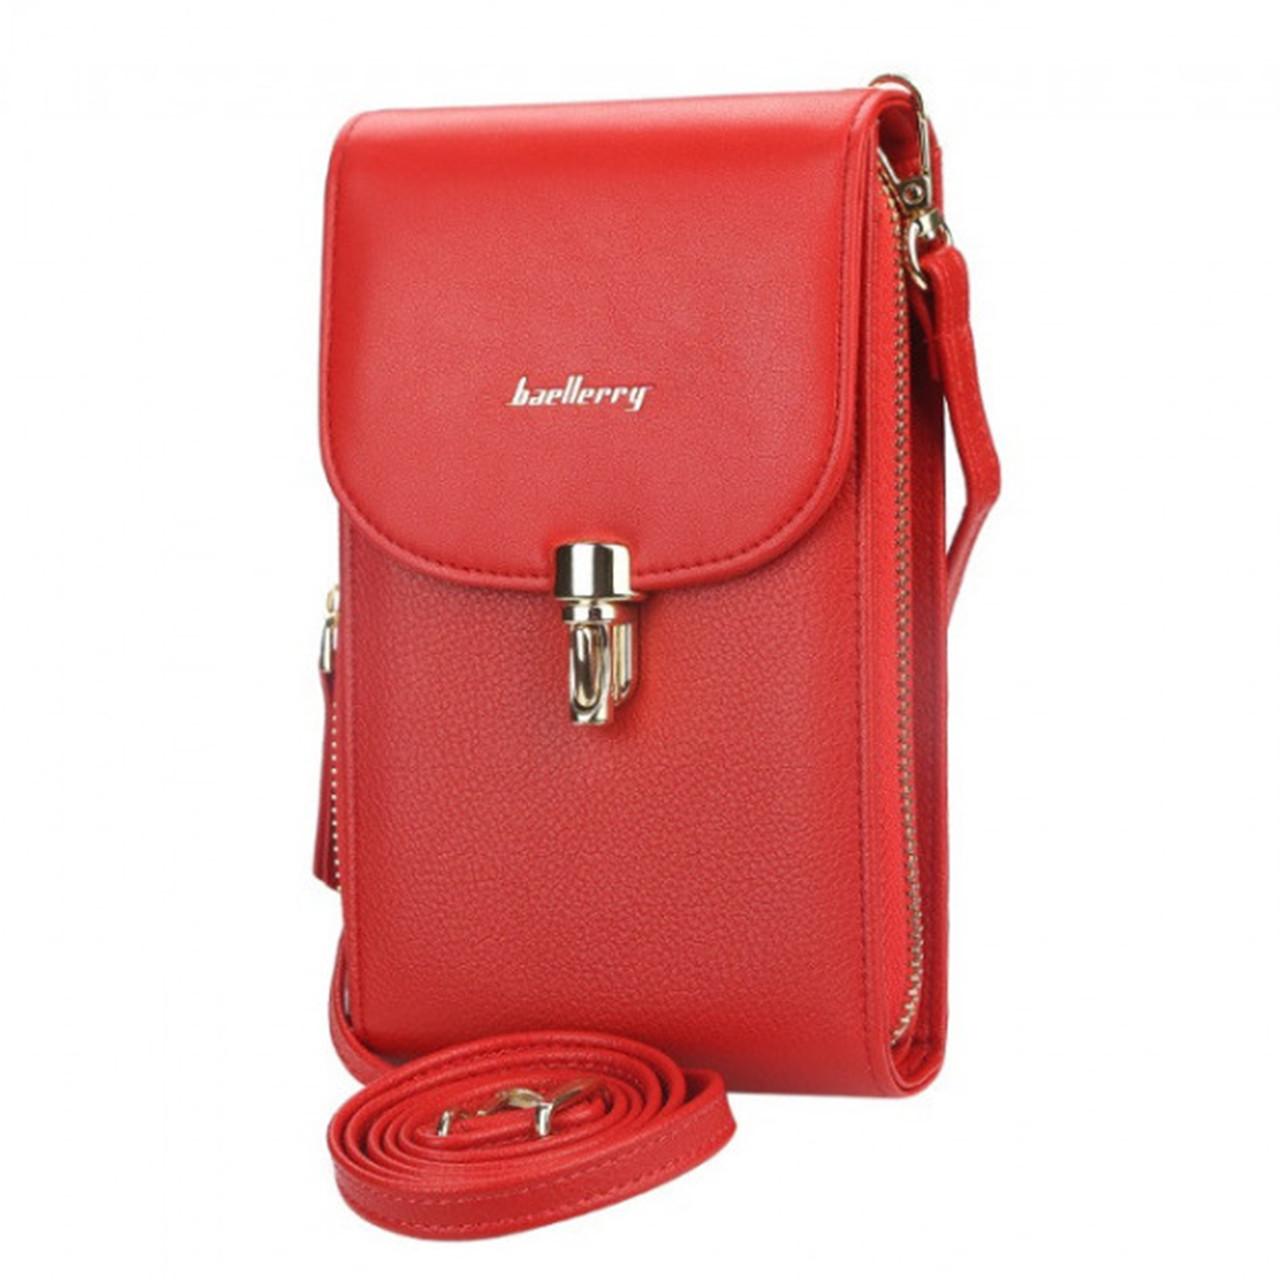 Женский кошелек-сумка Baellerry N8593 Red вертикальная на плечо тренд сезона для девушек женщин